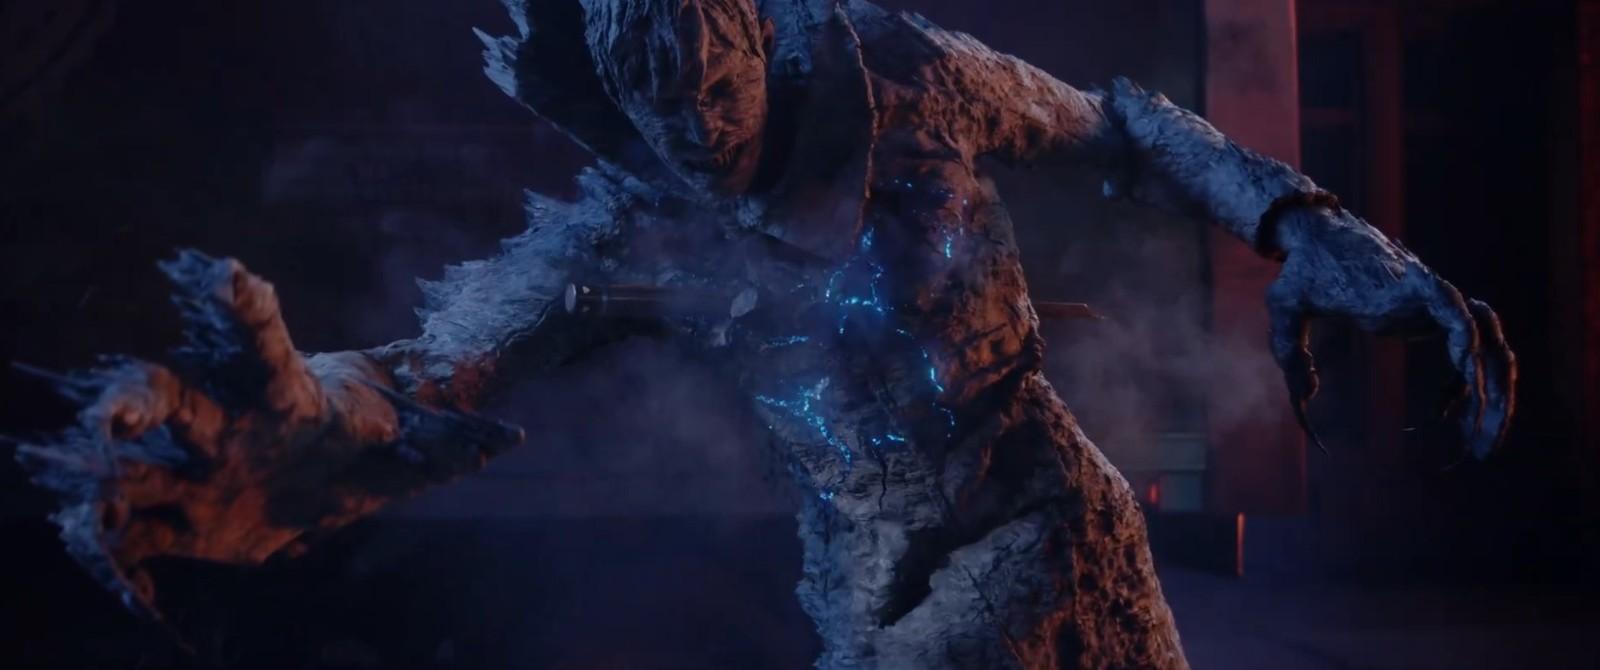 E3 2021:B社吸血鬼新作《Redfall》预告 2022年暑期发售